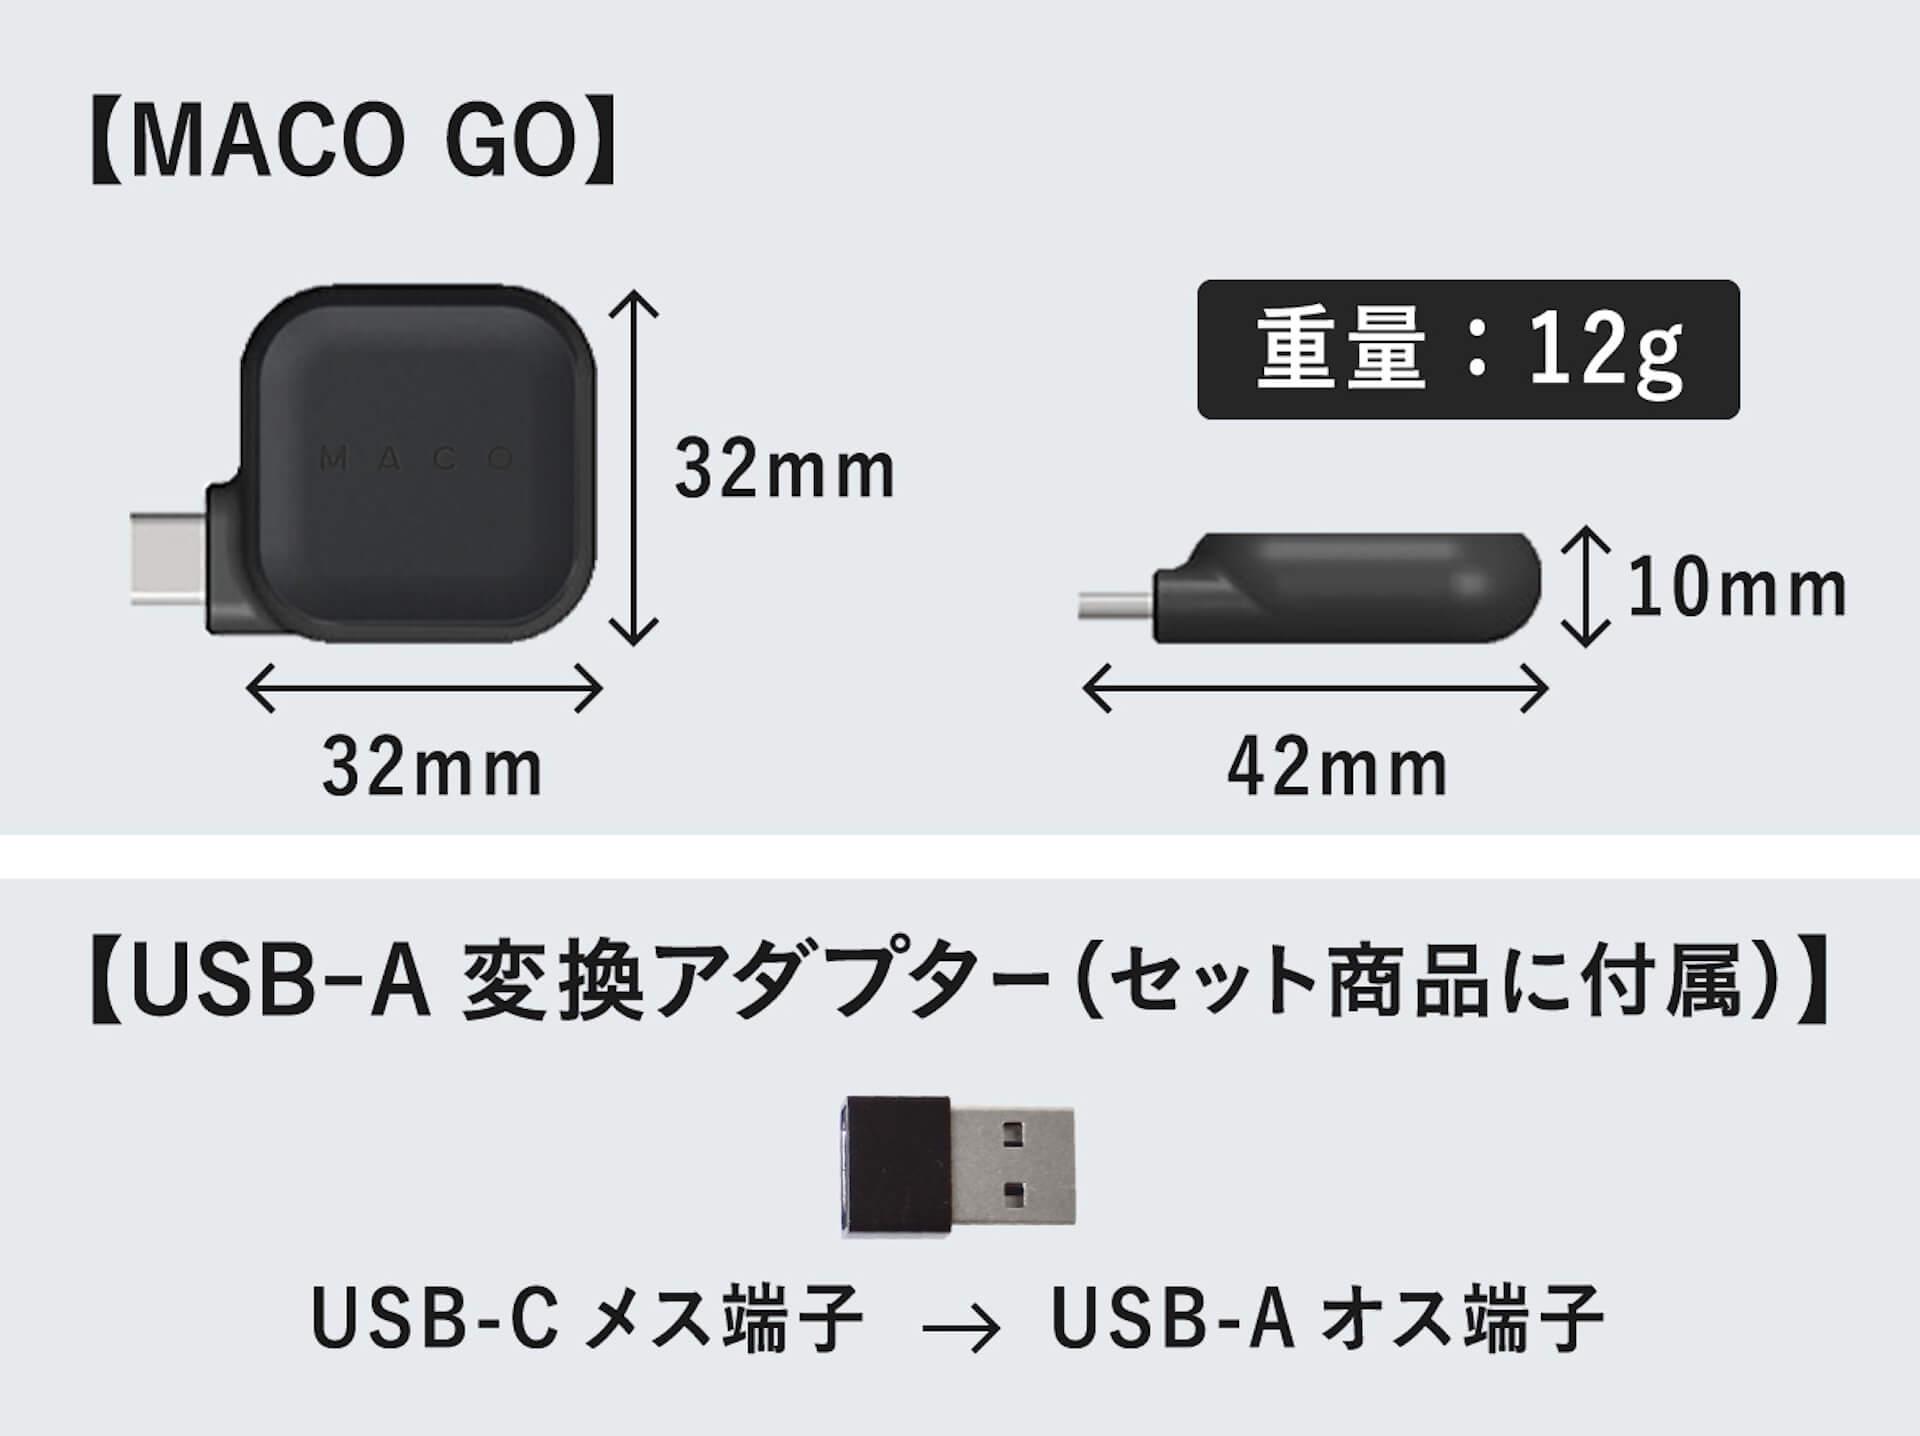 コインサイズのApple Watch専用充電器「MACO GO」がクラウドファンディング「Makuake」に登場! tech200624_macogo_12